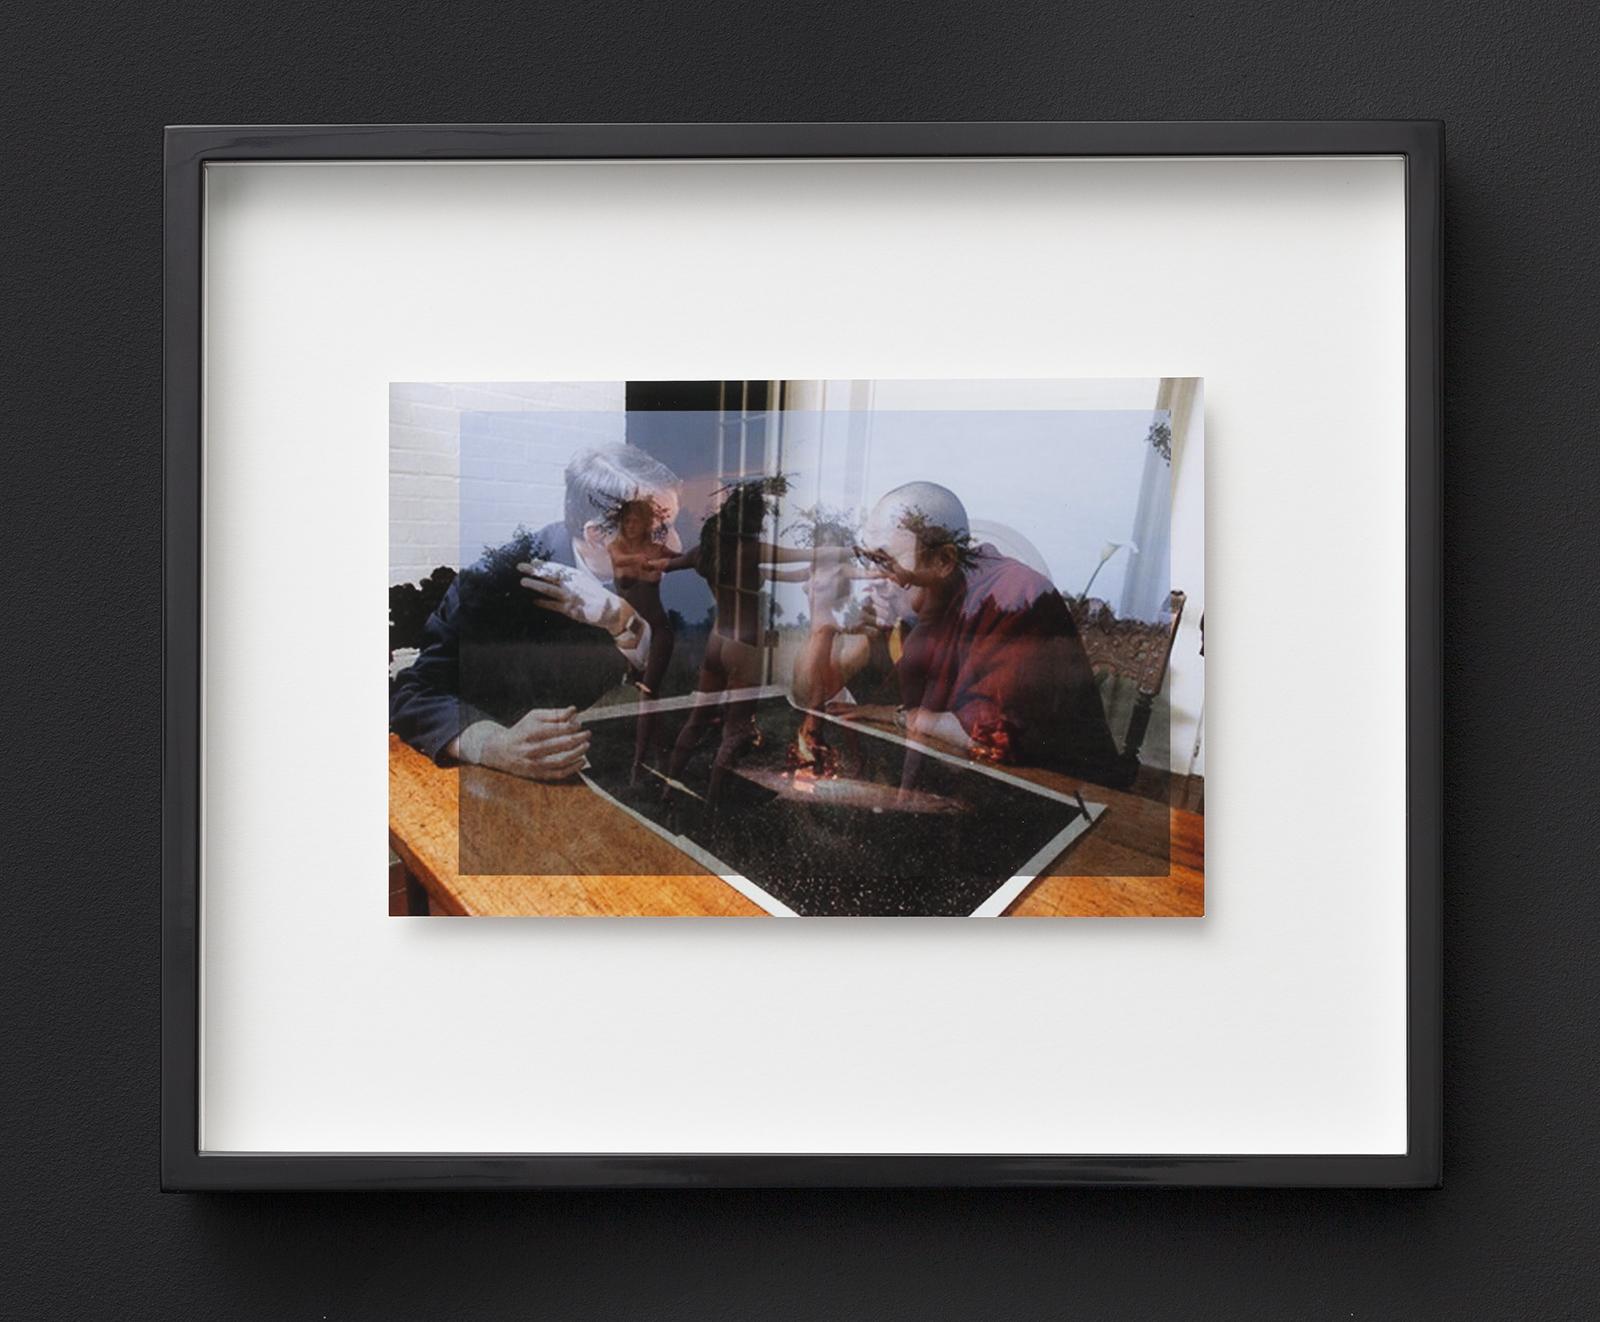 """Agnieszka Brzeżańska, Beztytułu, zserii """"Matrix-Sratrix"""", 2016, wydruk Lambda, 26,2 x 31,2 cm, dzięki uprzejmości Artystki iGalerii Kasia Michalski"""